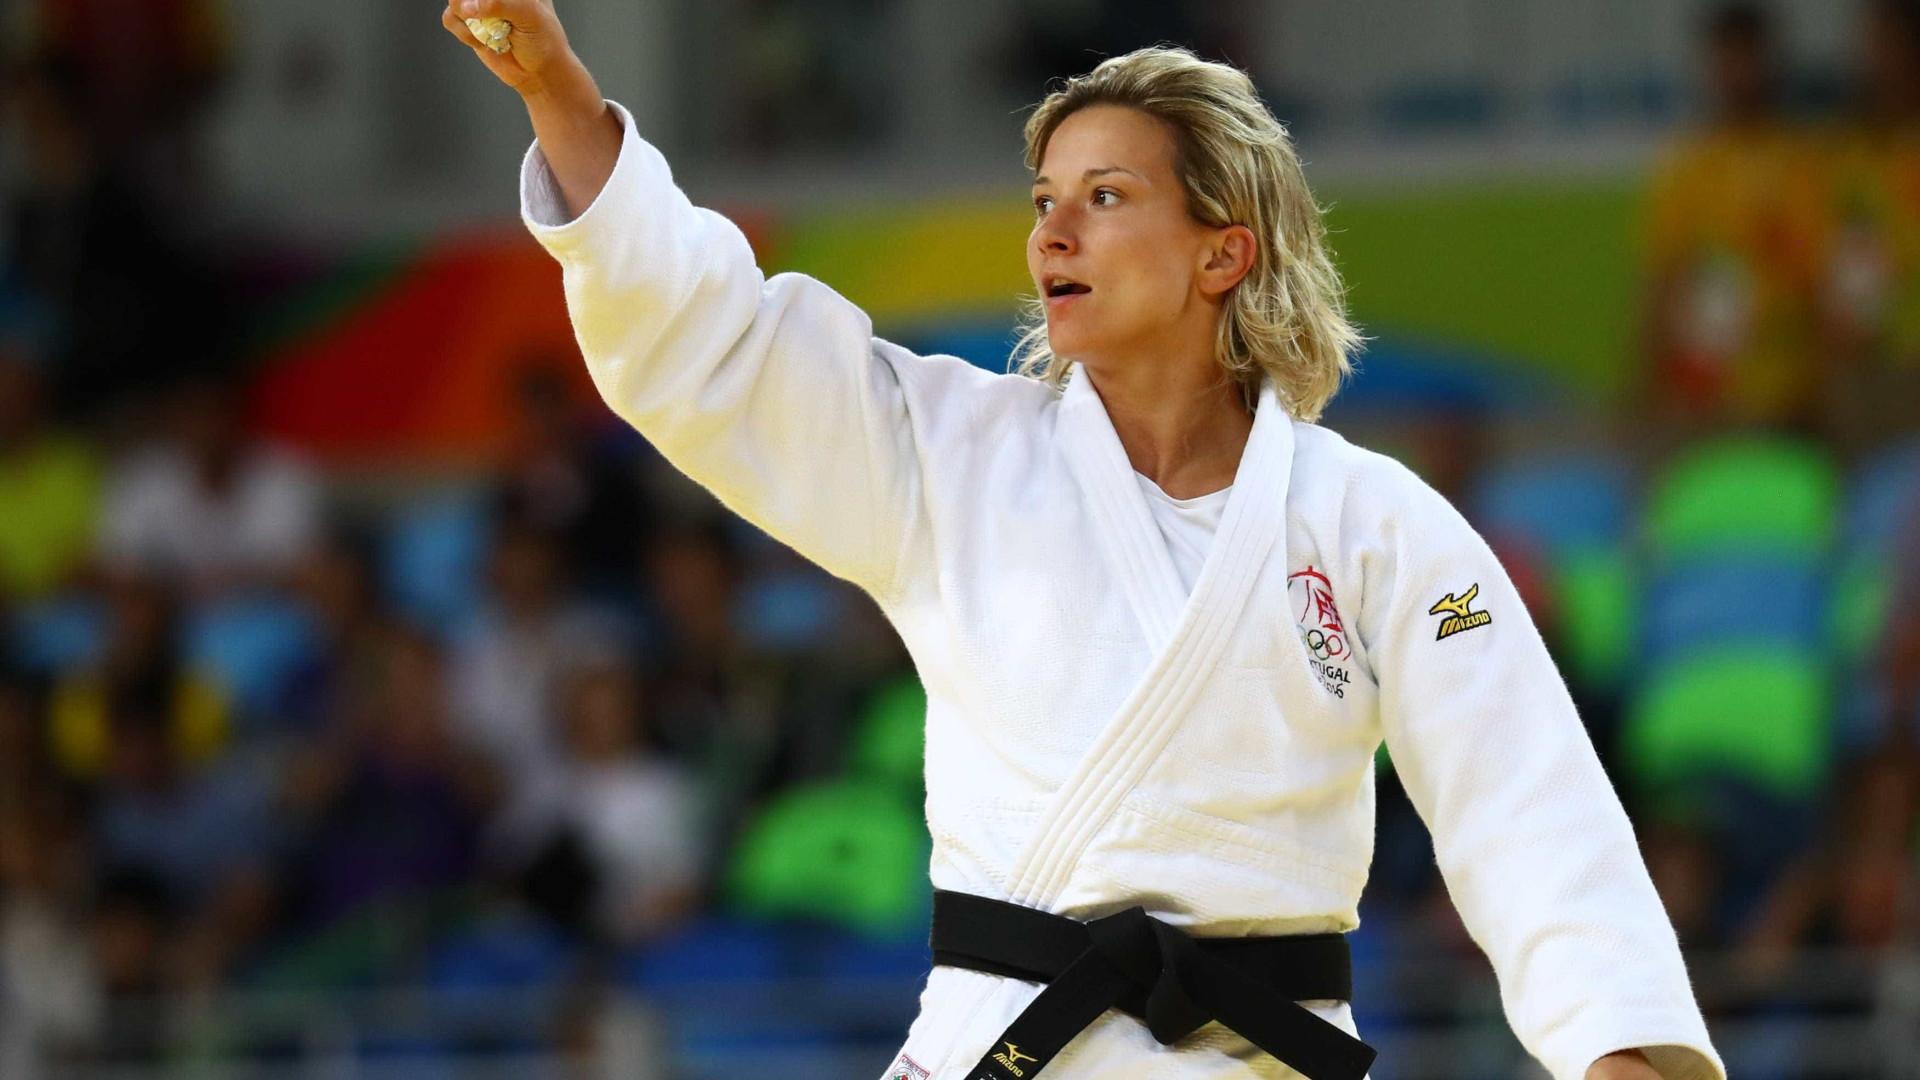 Telma Monteiro venceu repescagem e vai lutar pela medalha de bronze